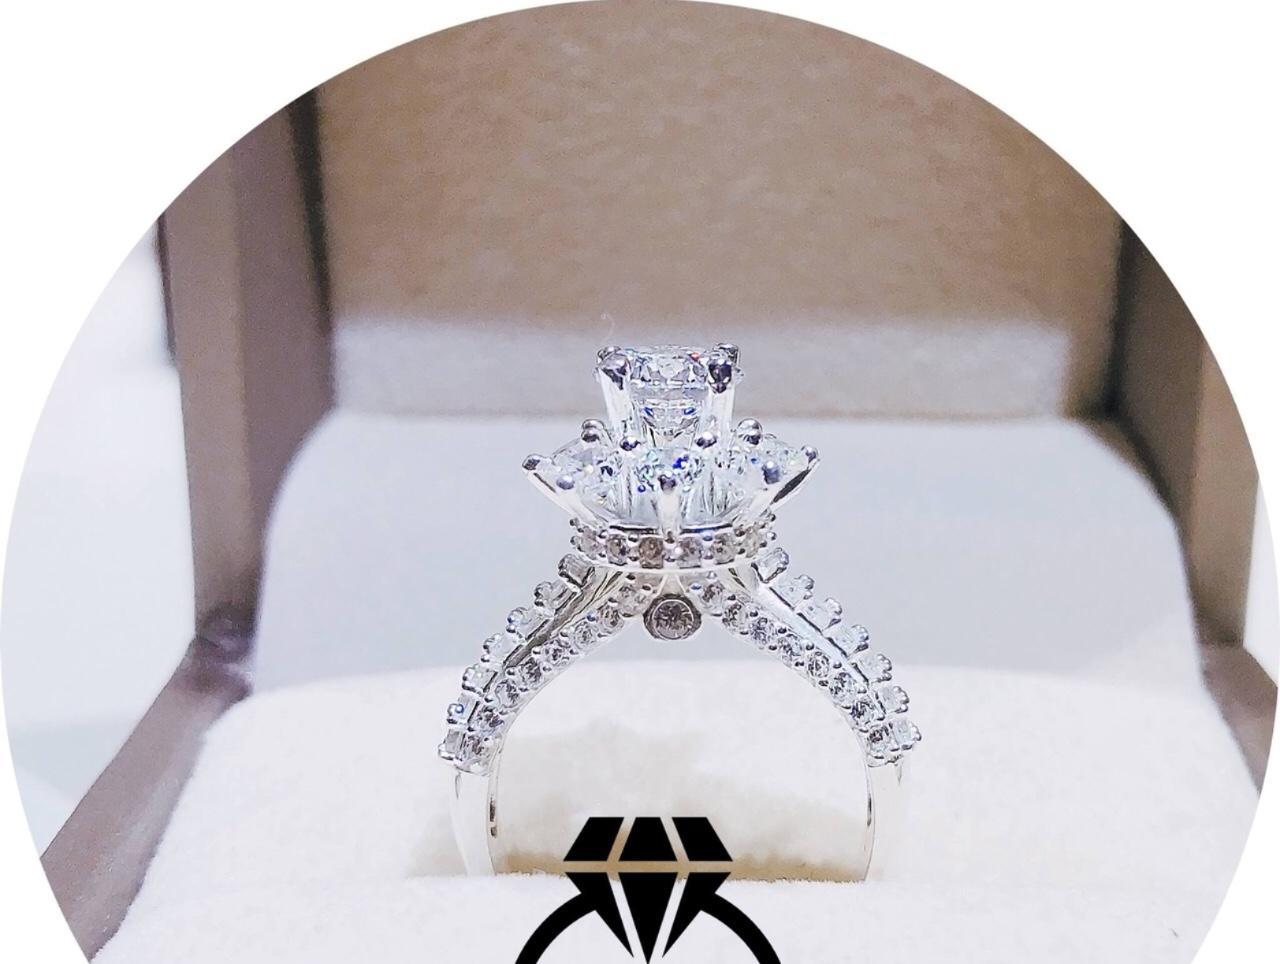 [ Nhẫn Nữ Cao Cấp, Chất Liệu Bên Trong Lõi Bạc Thái Vĩnh Viễn Không Đen ] Givishop - N260561 - Dùng Đi Tiệc Tôn Lên Vẻ Đẹp Của Phụ Nữ , giá bạc trang sức, nhẫn bạc trơn, trang sức bằng bạc, nhẫn cặp bạc, nhẫn bạc cặp, nhẫn đôi bạ